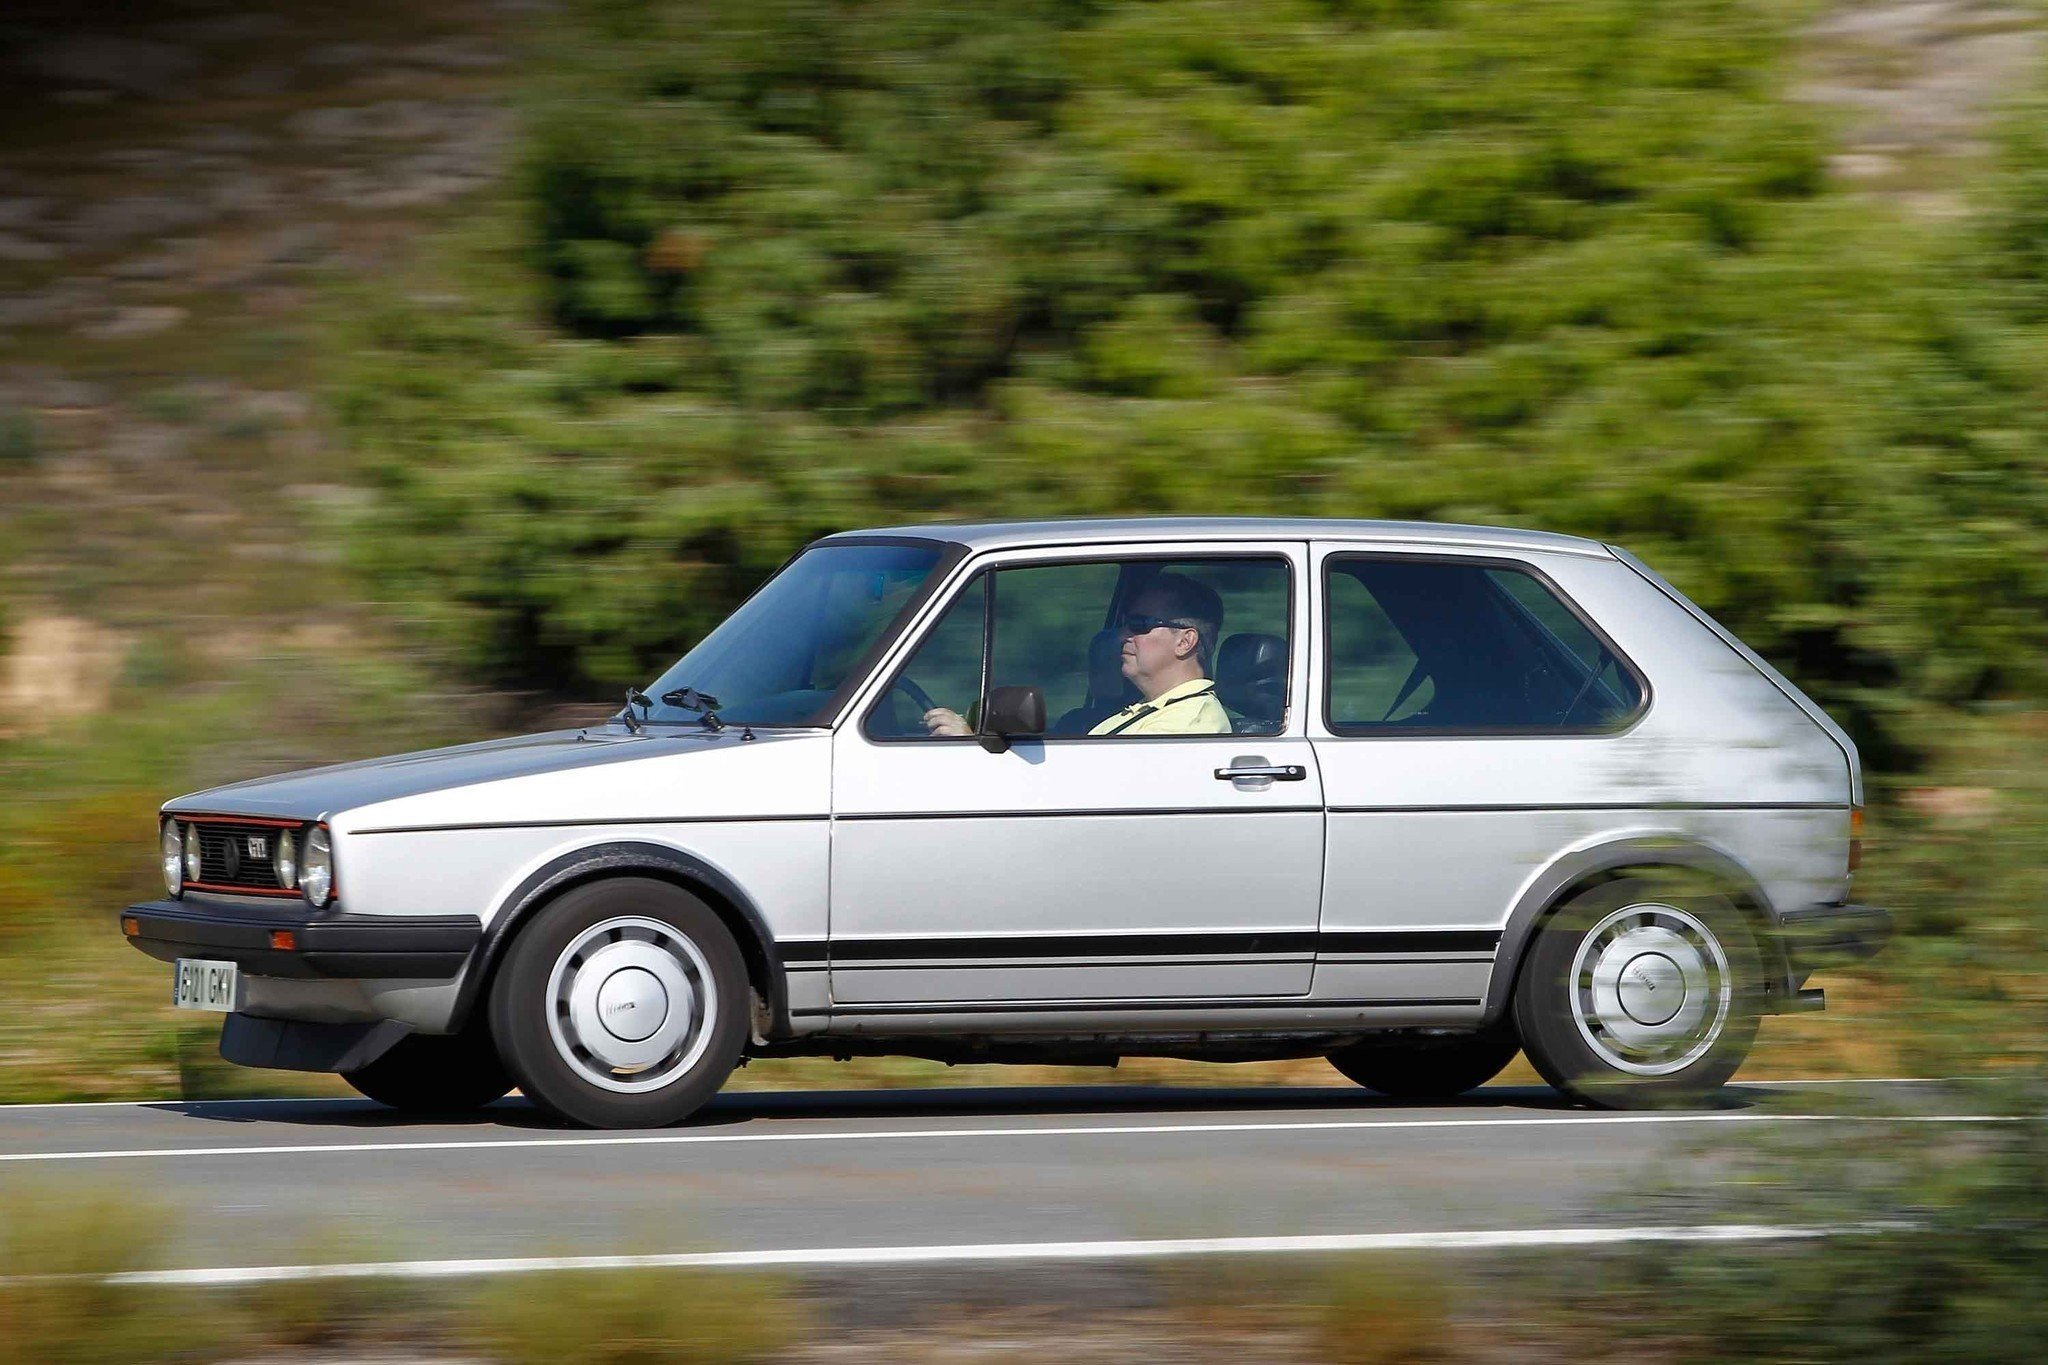 impuesto circulacion coches clasicos